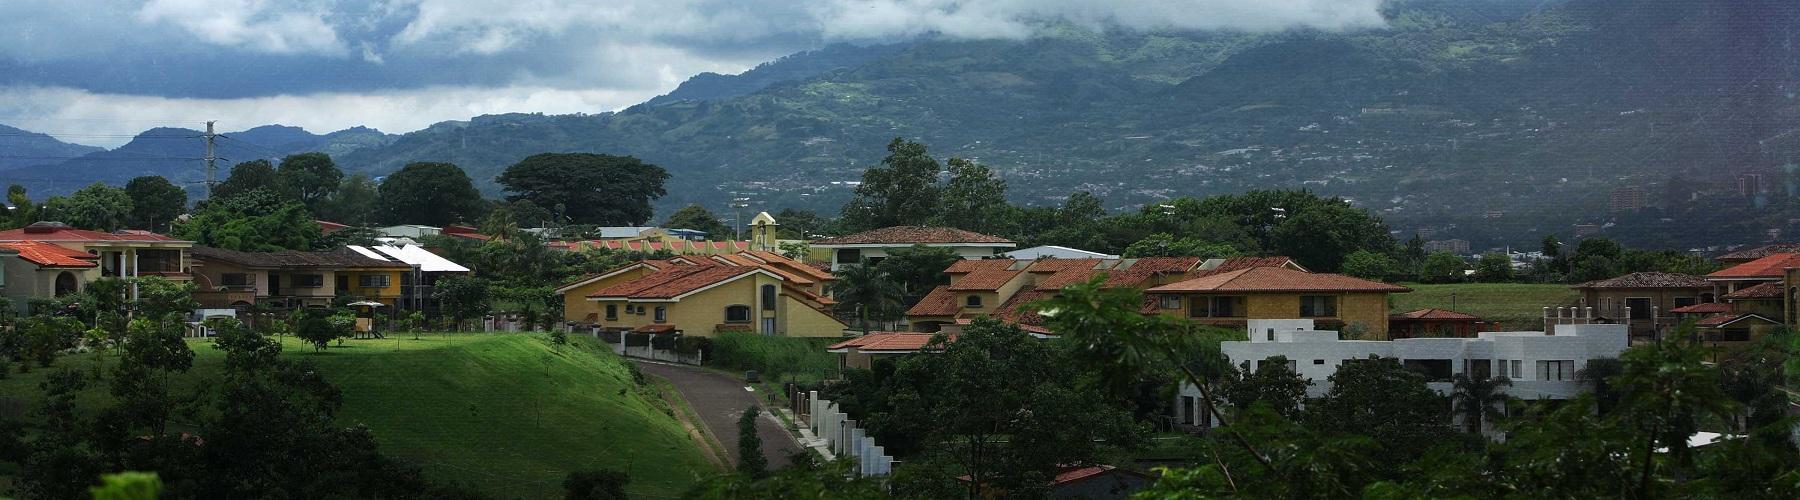 Информация о Коста-Рике для самостоятельных путешественников